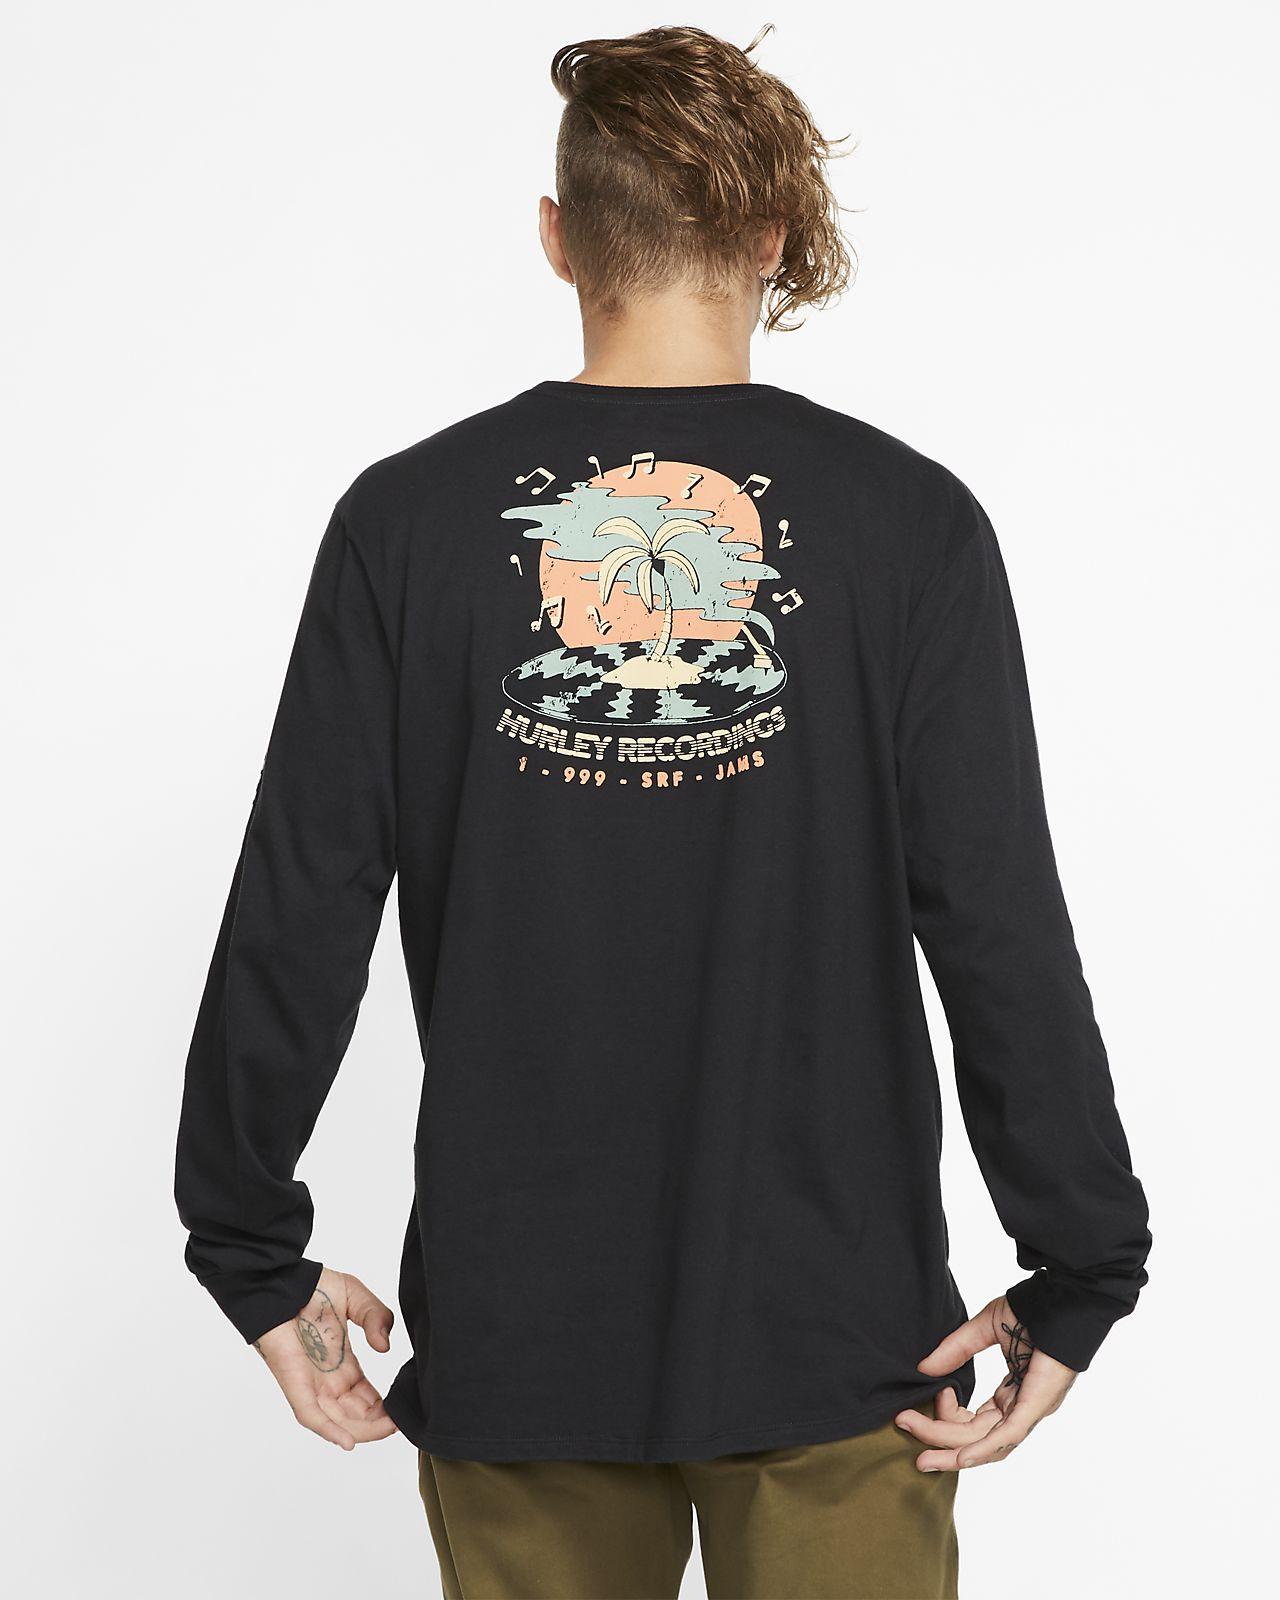 Hurley Premium Record Palms Uzun Kollu Erkek Tişörtü